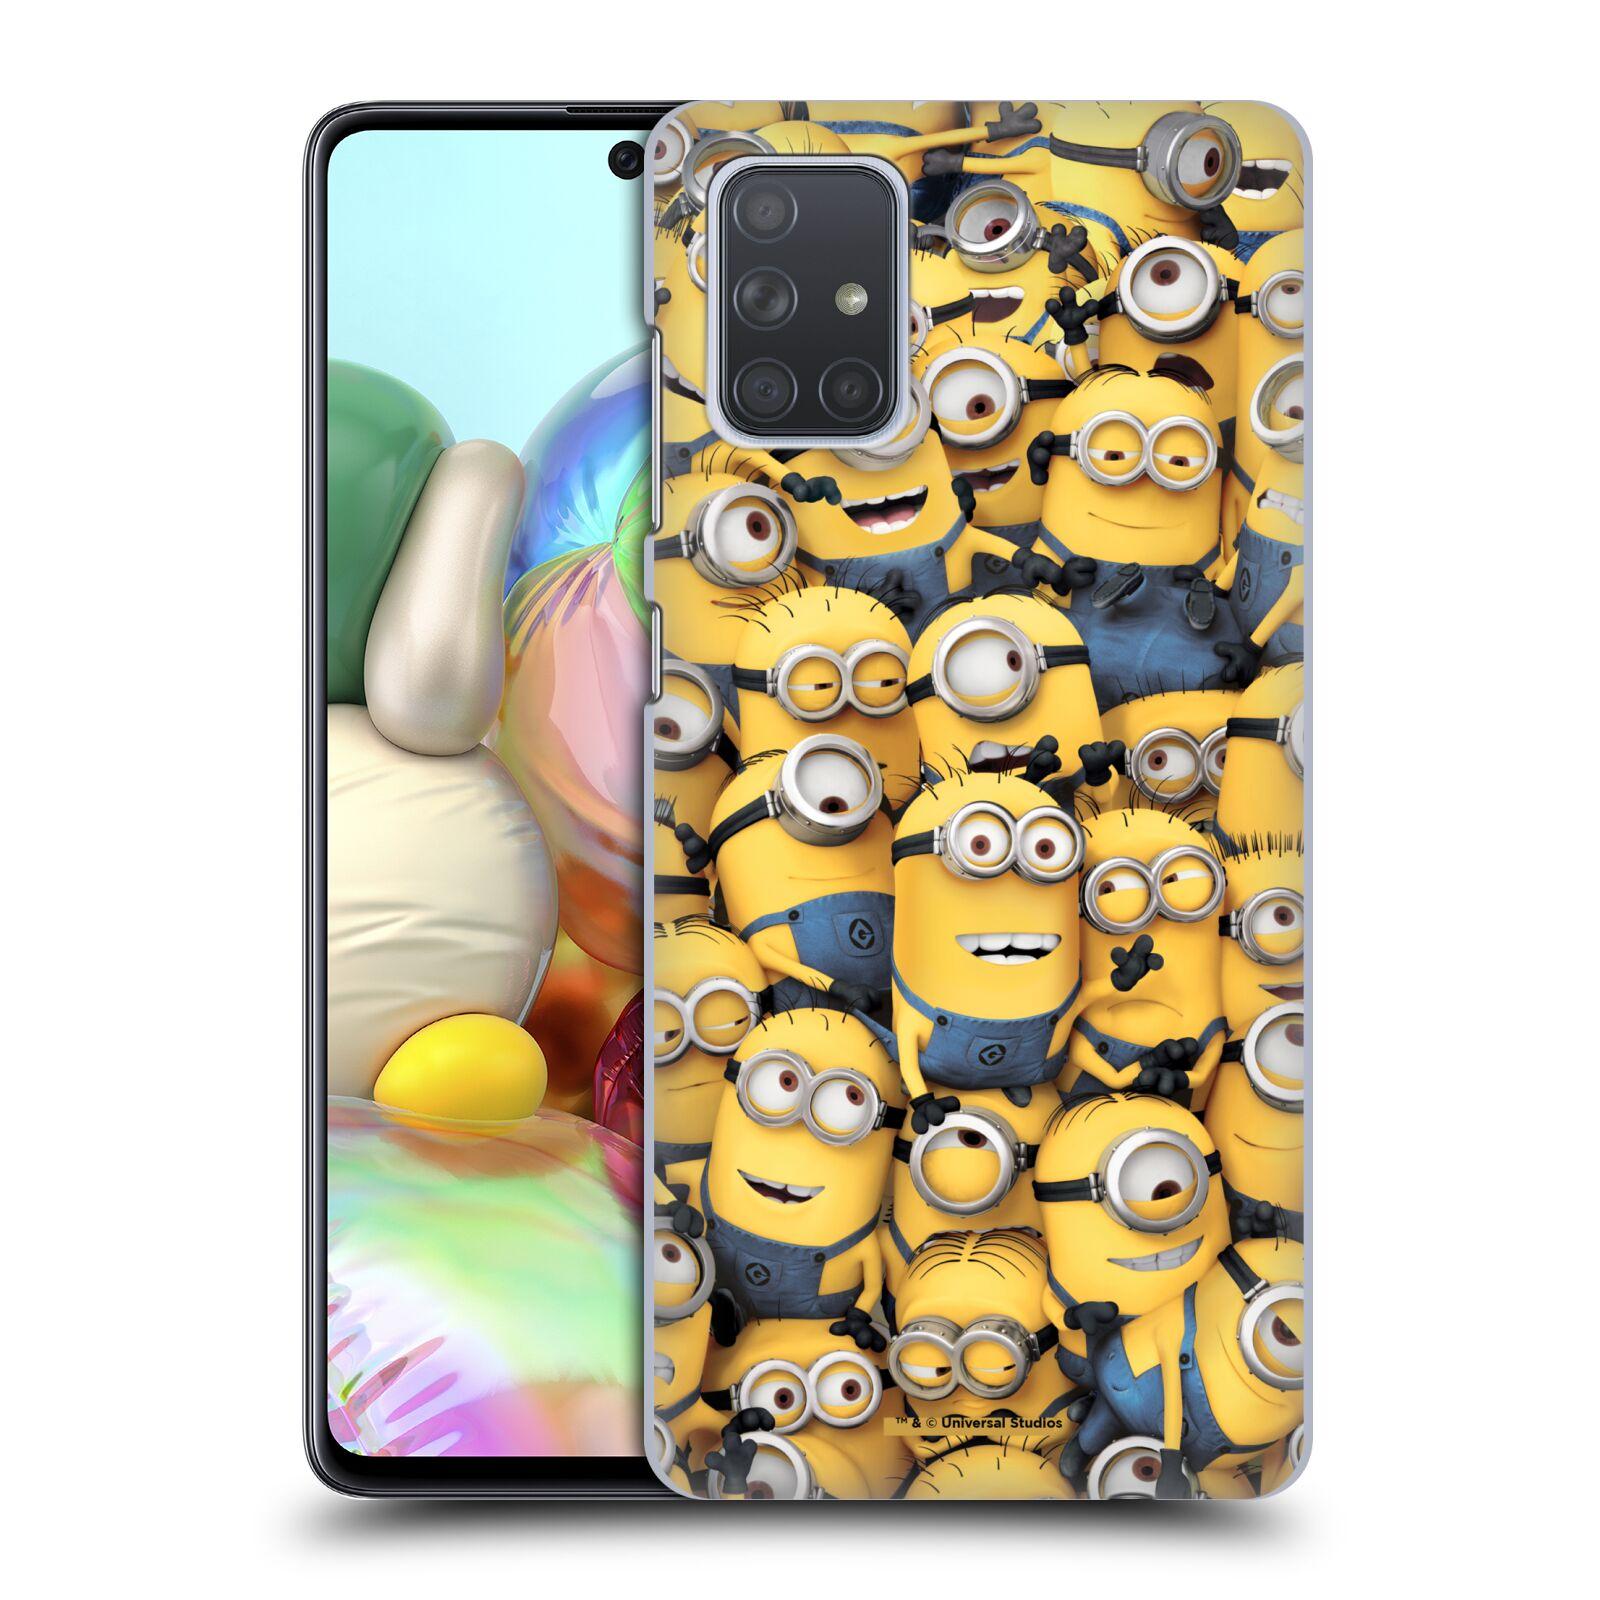 Plastové pouzdro na mobil Samsung Galaxy A71 - Head Case - Mimoni všude z filmu Já, padouch - Despicable Me